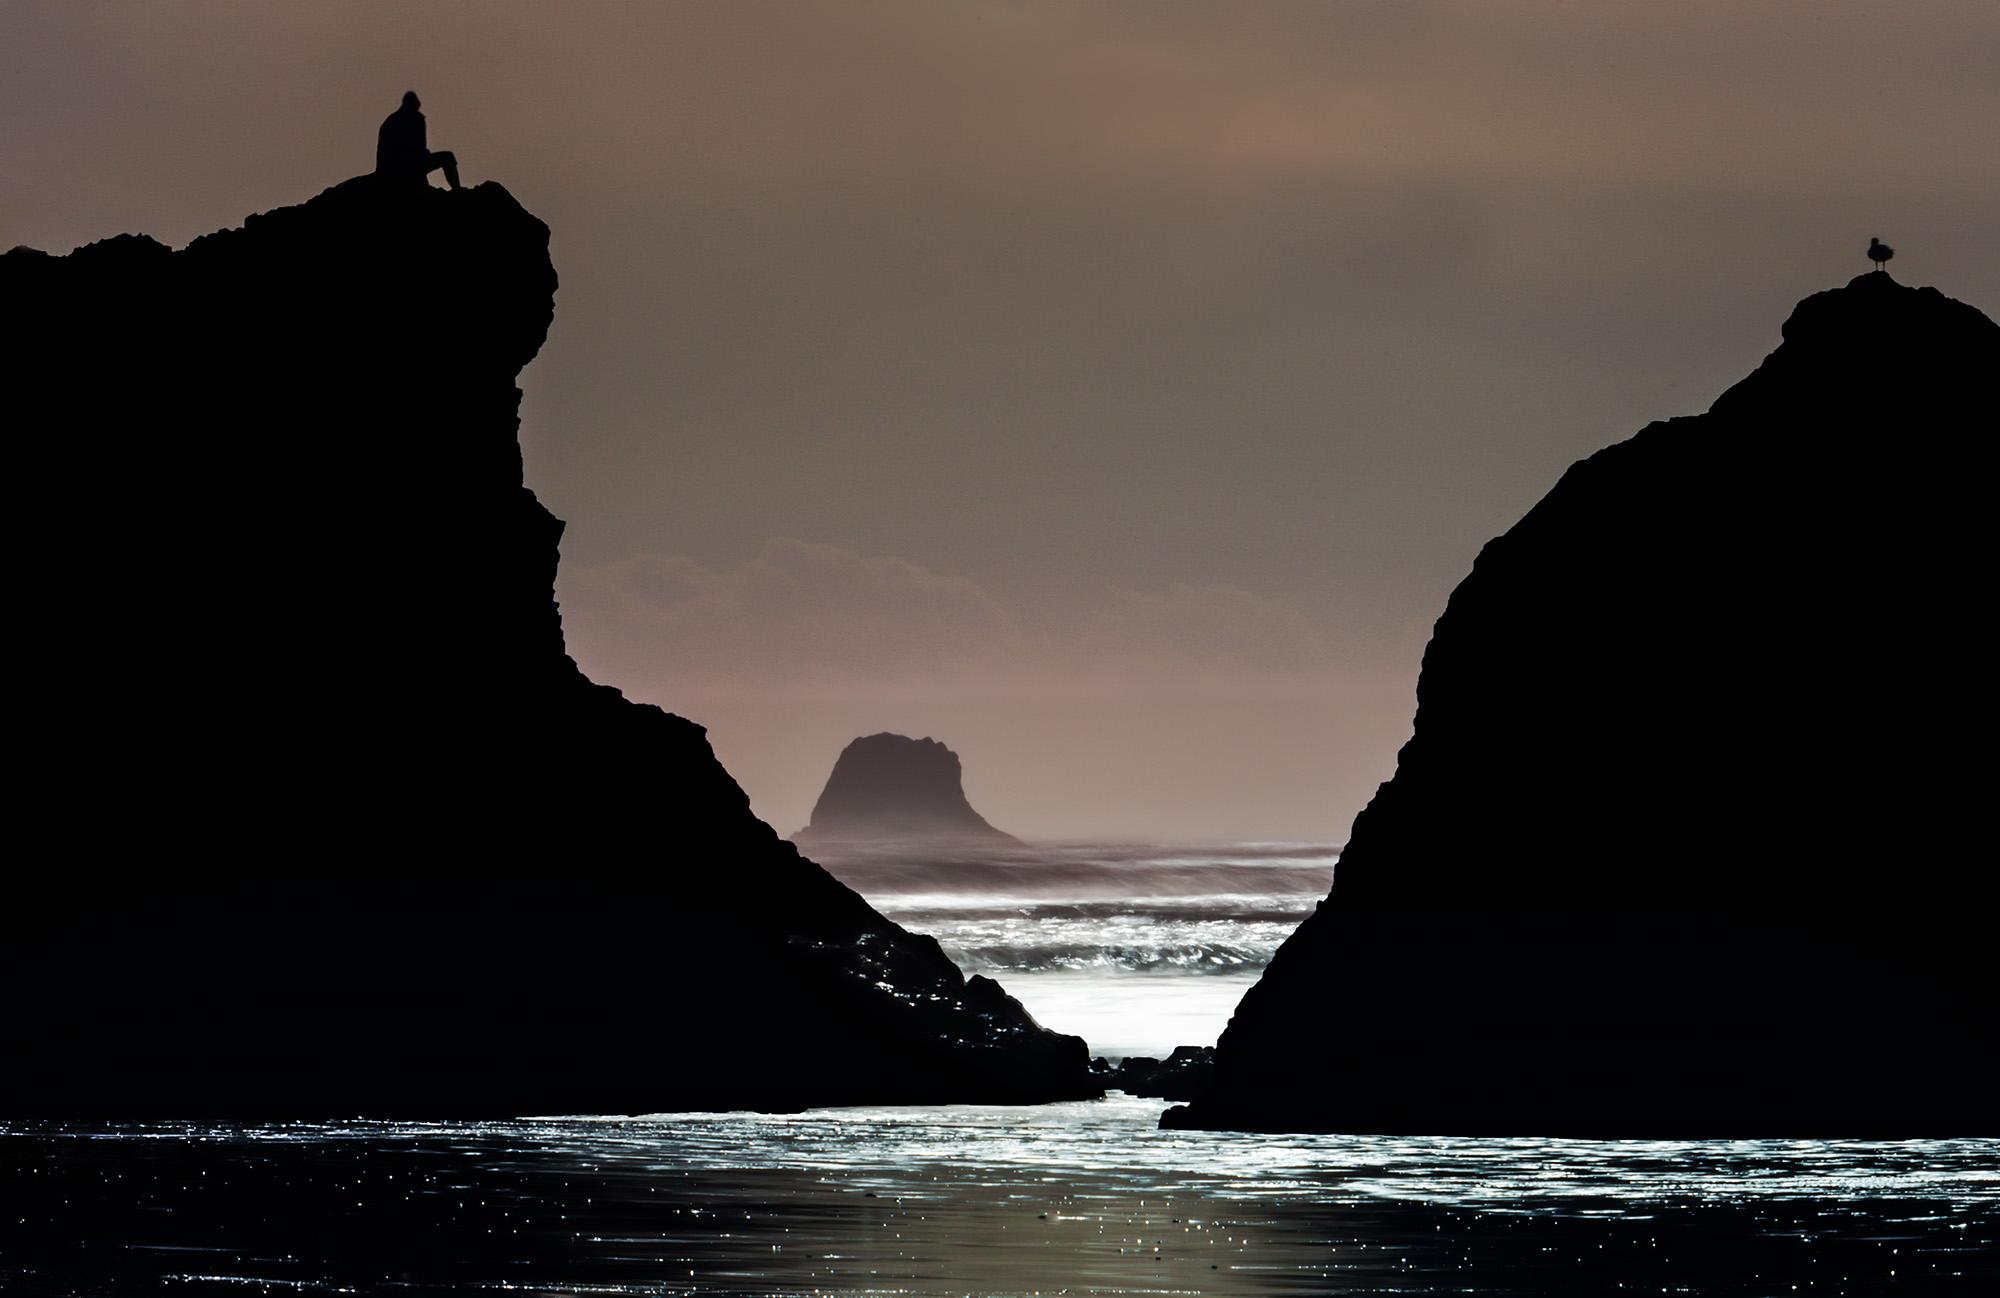 Rocks, Beings, Water